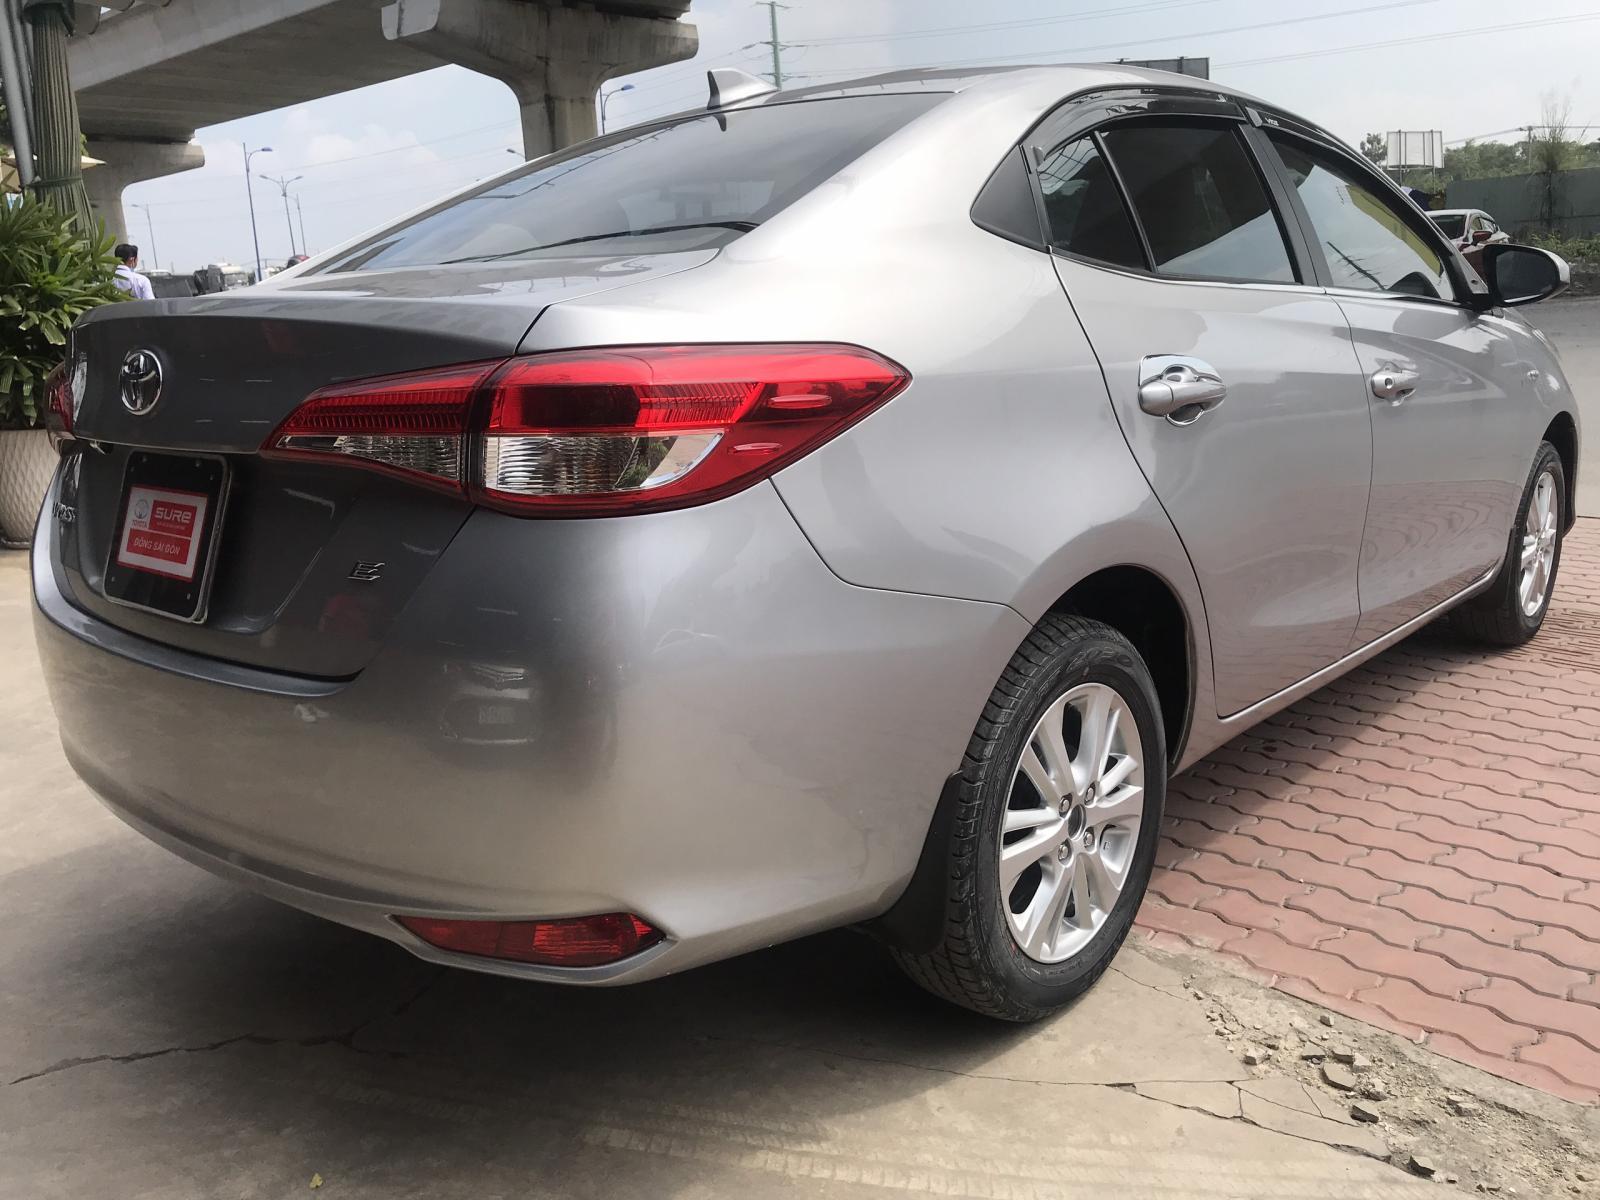 Cần bán xe Toyota Vios E MT đời 2019, màu bạc, siêu chất - giá cực mềm